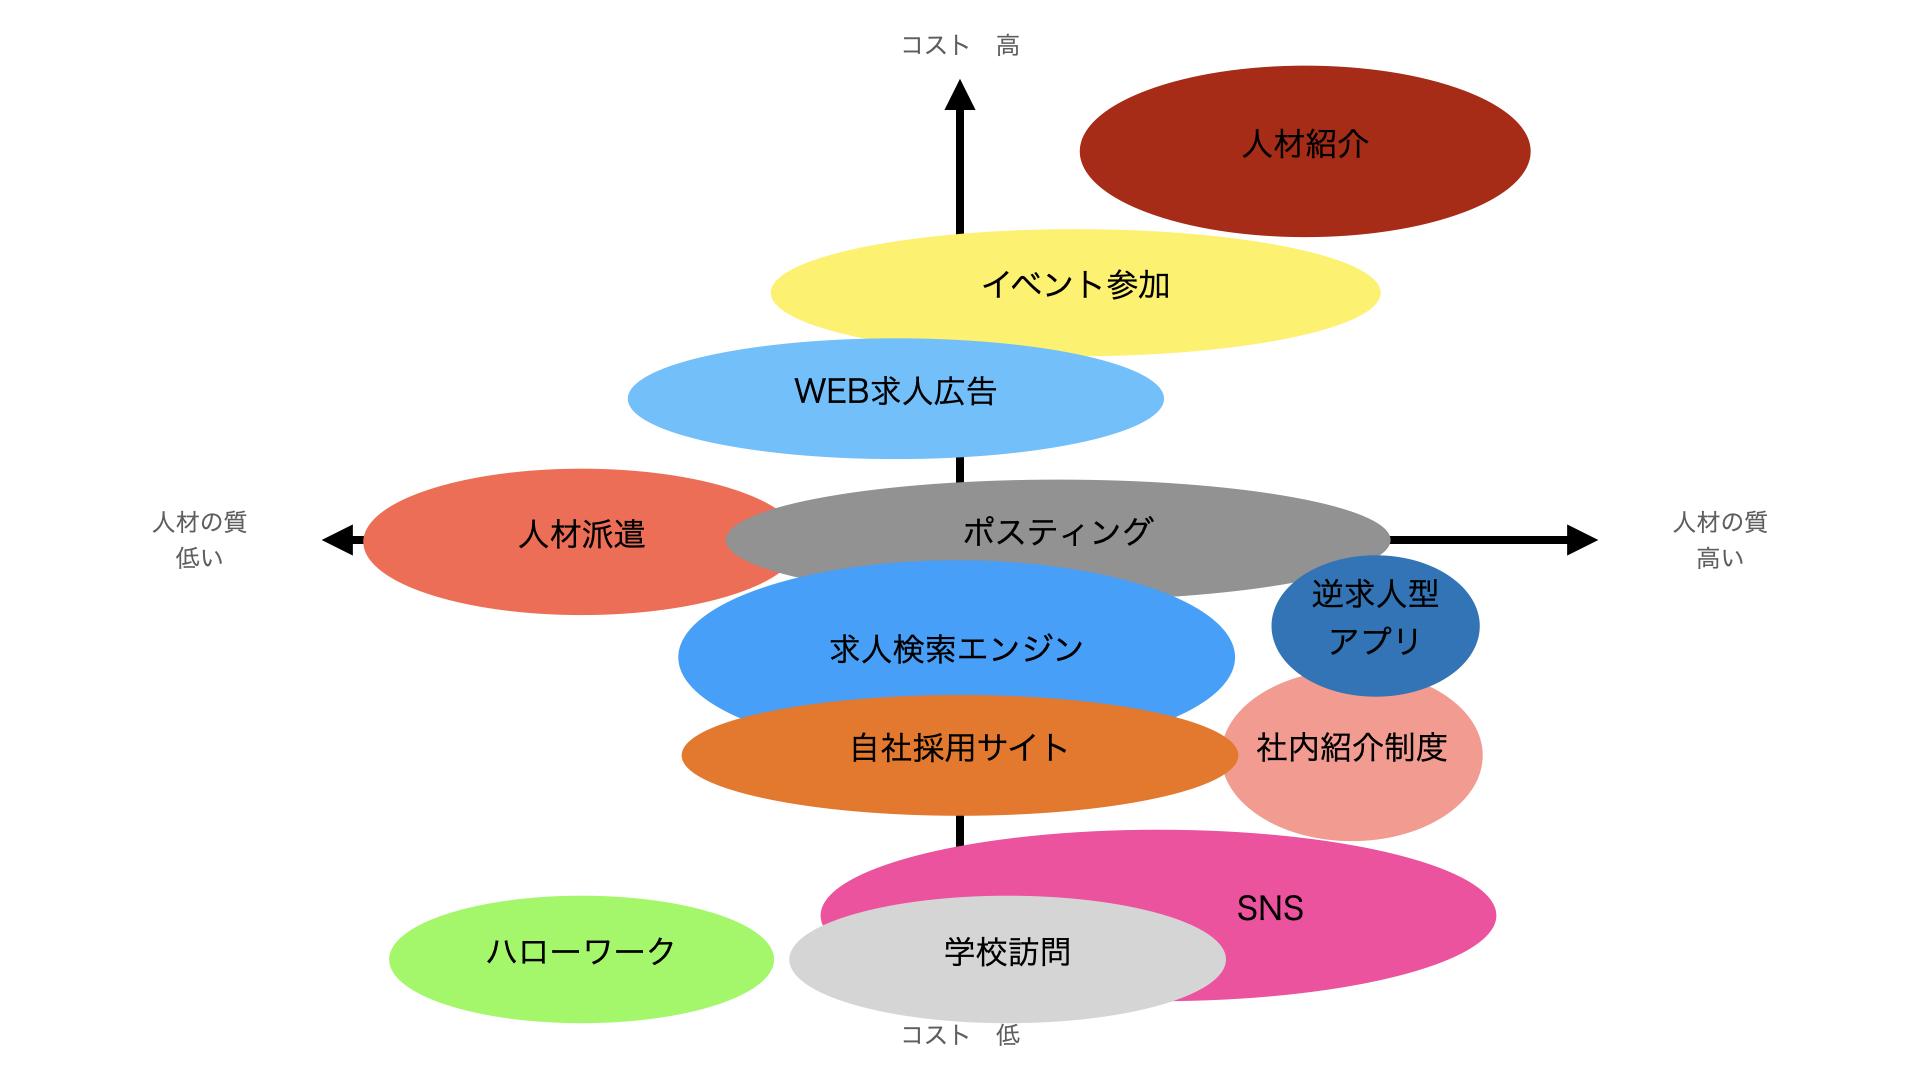 人材募集の手法 ポジショニングマップ(コスト×人材の質)